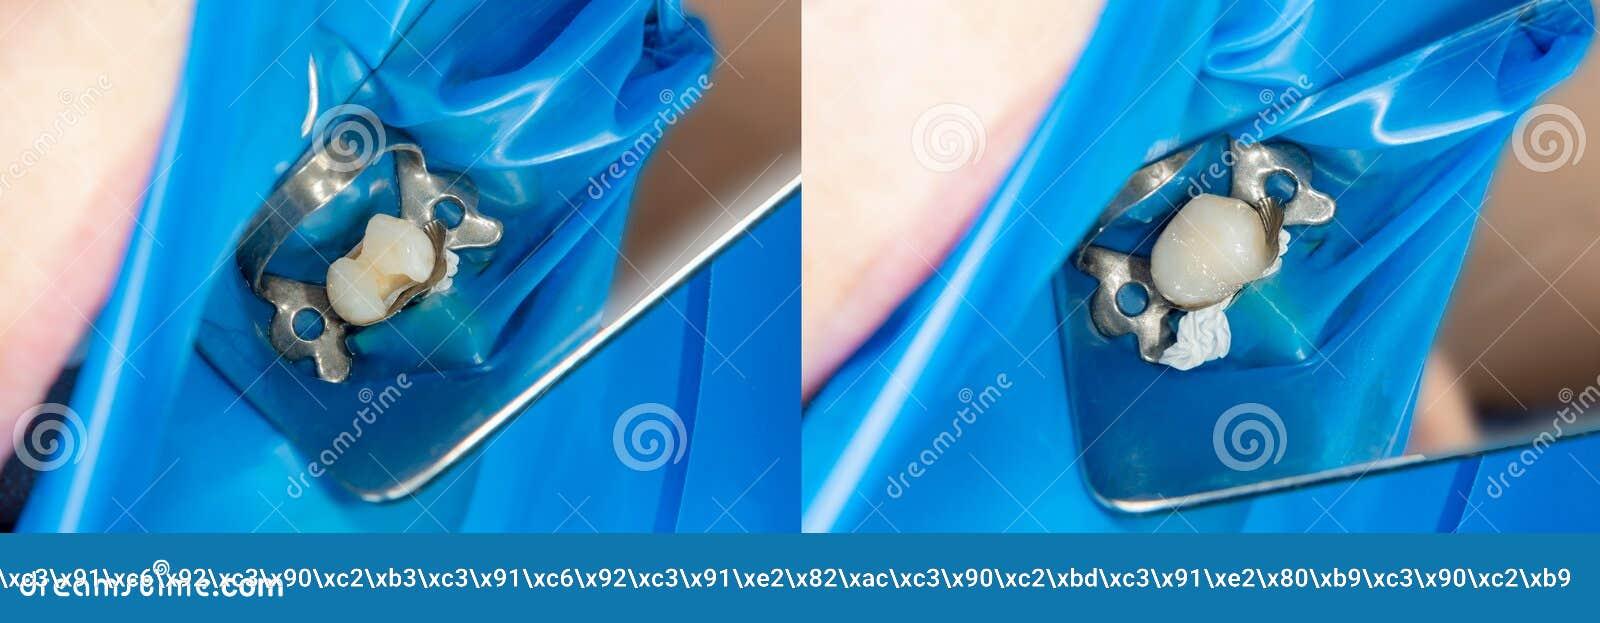 Zähne während der Behandlungsnahaufnahme in einer zahnmedizinischen Klinik Zahnmedizinisches Foto